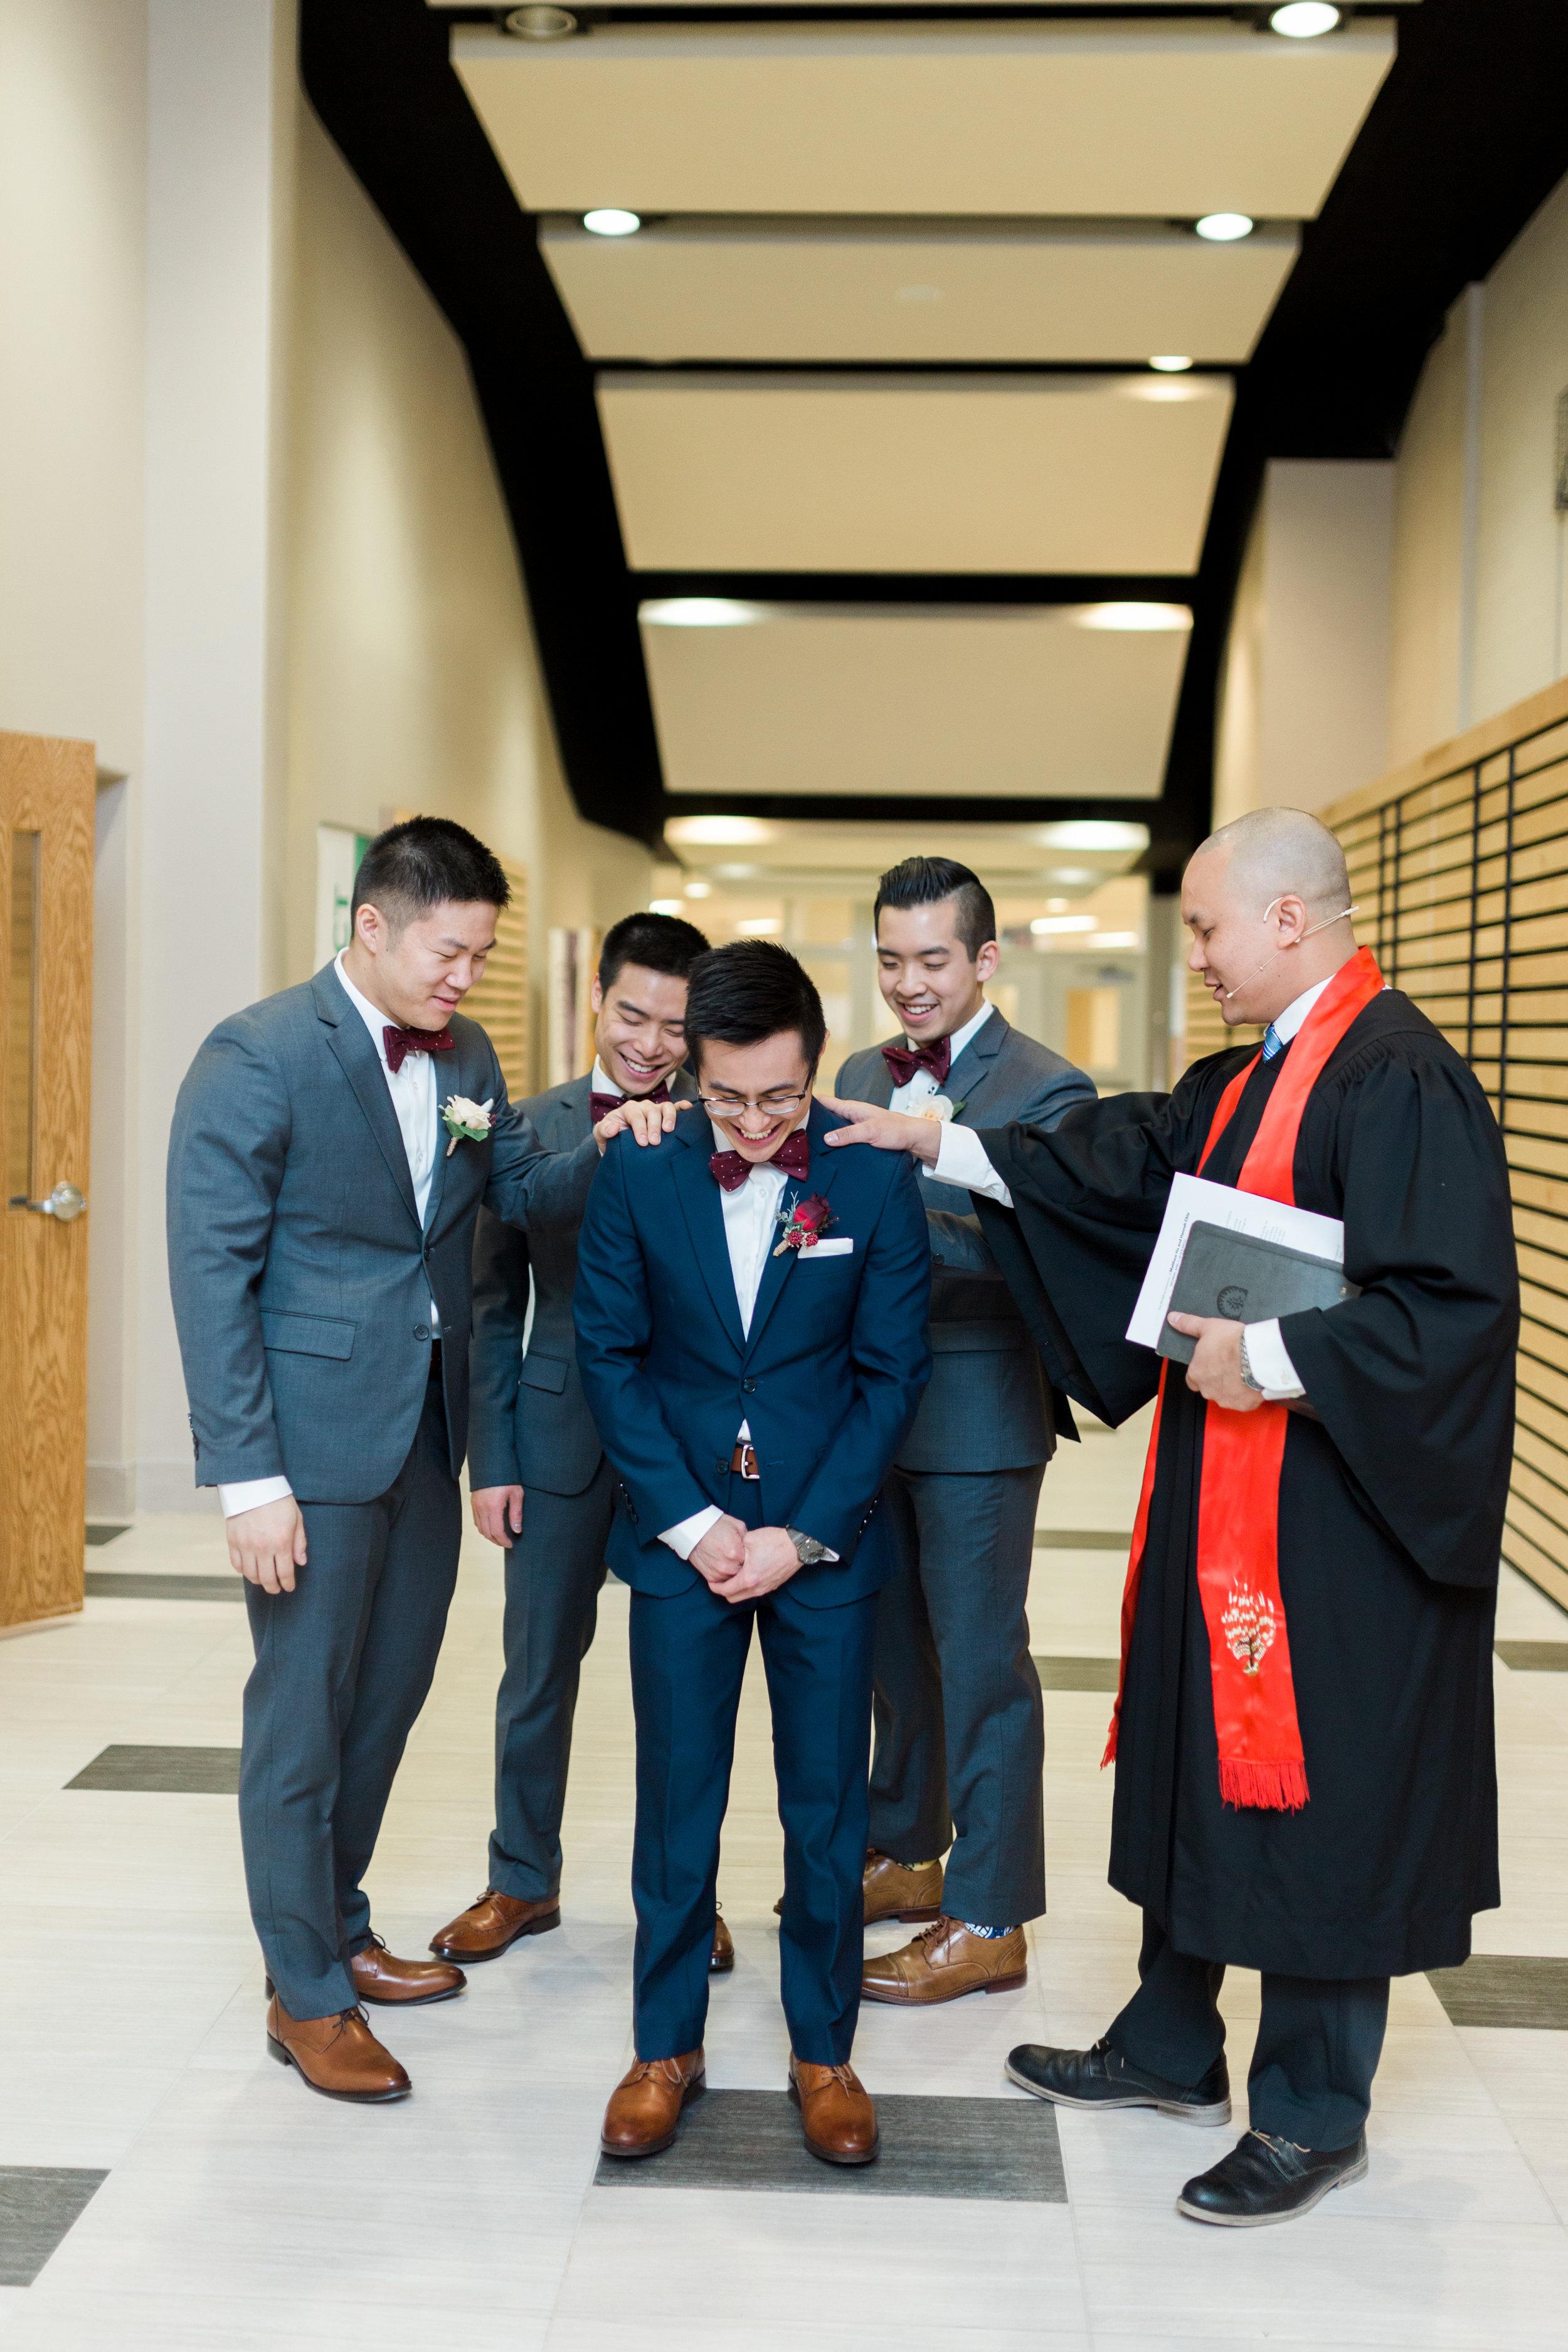 RHCCC Wedding-Ceremony-15.jpg